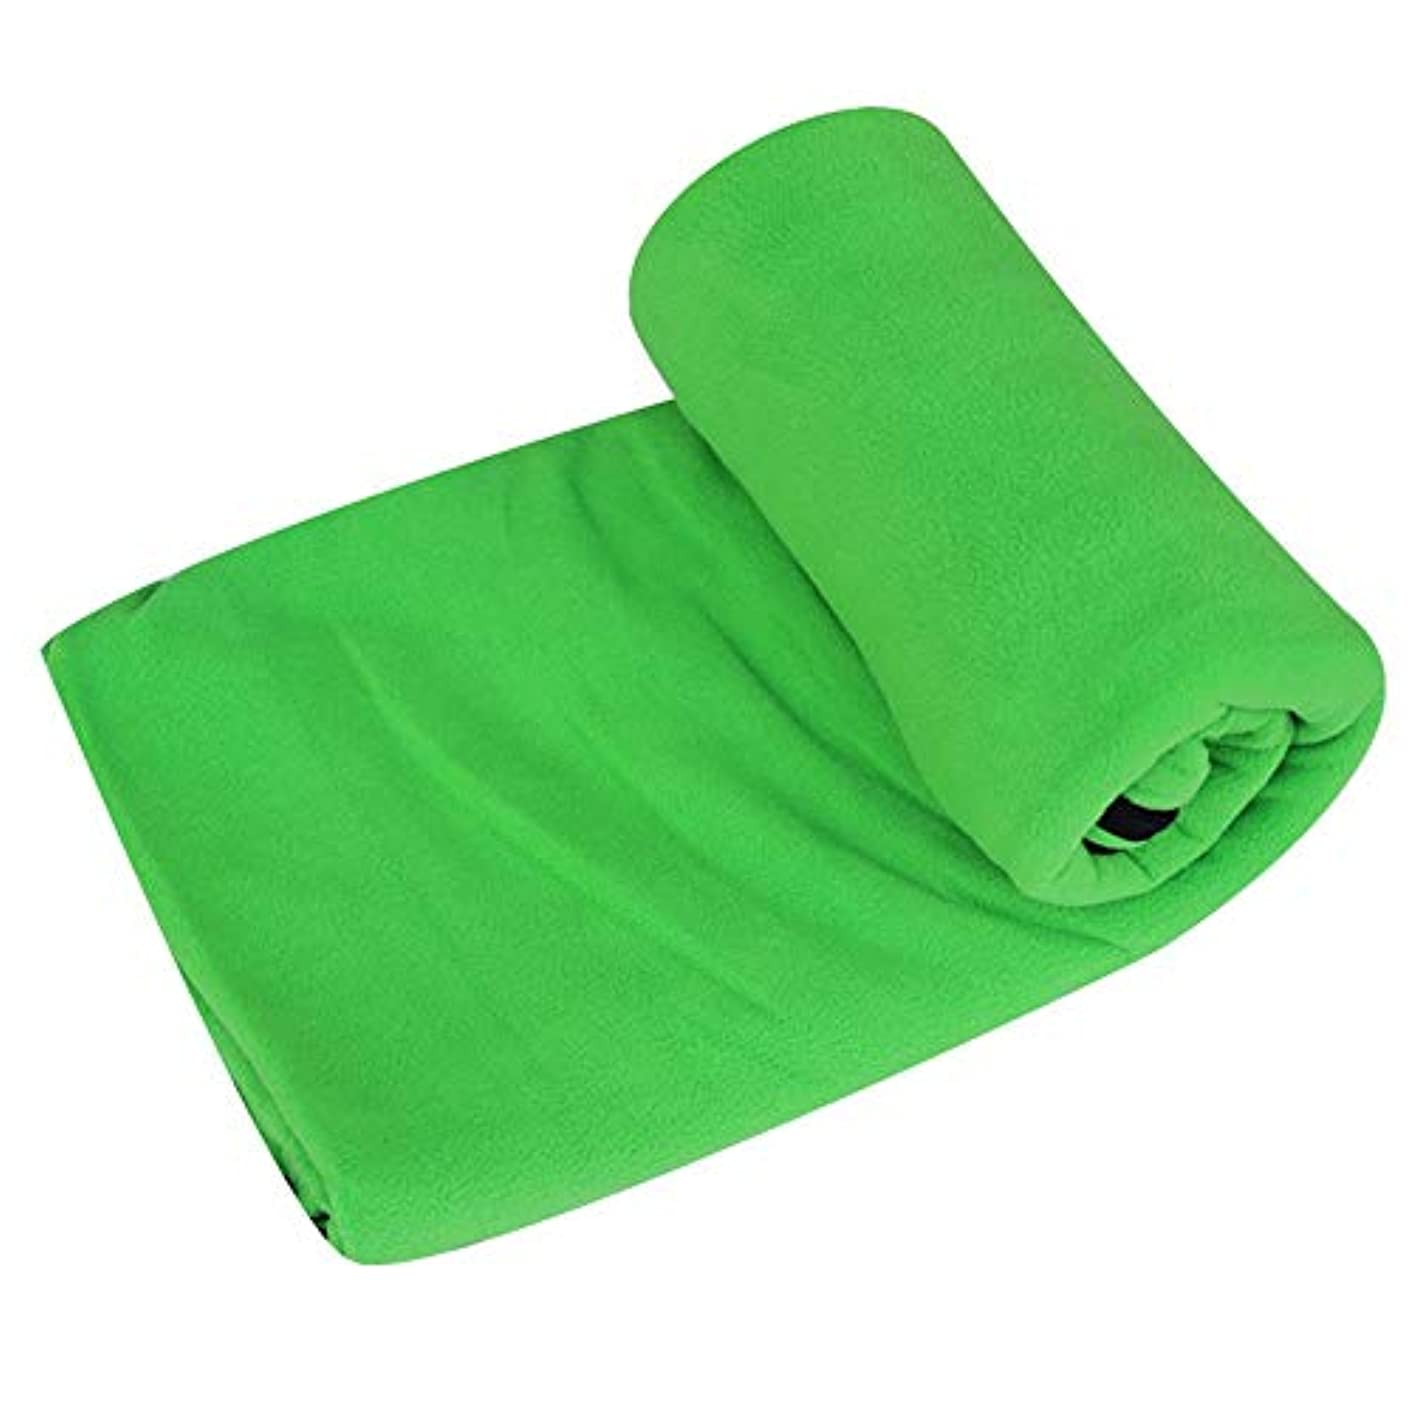 フック規制するすり減るYBJPshop 寝袋 様々なシーンに適した寝袋アウトドアキャンプ封筒タイプ3の選択 寝袋の裏地、キャンプ、登山旅行 (Color : Green)